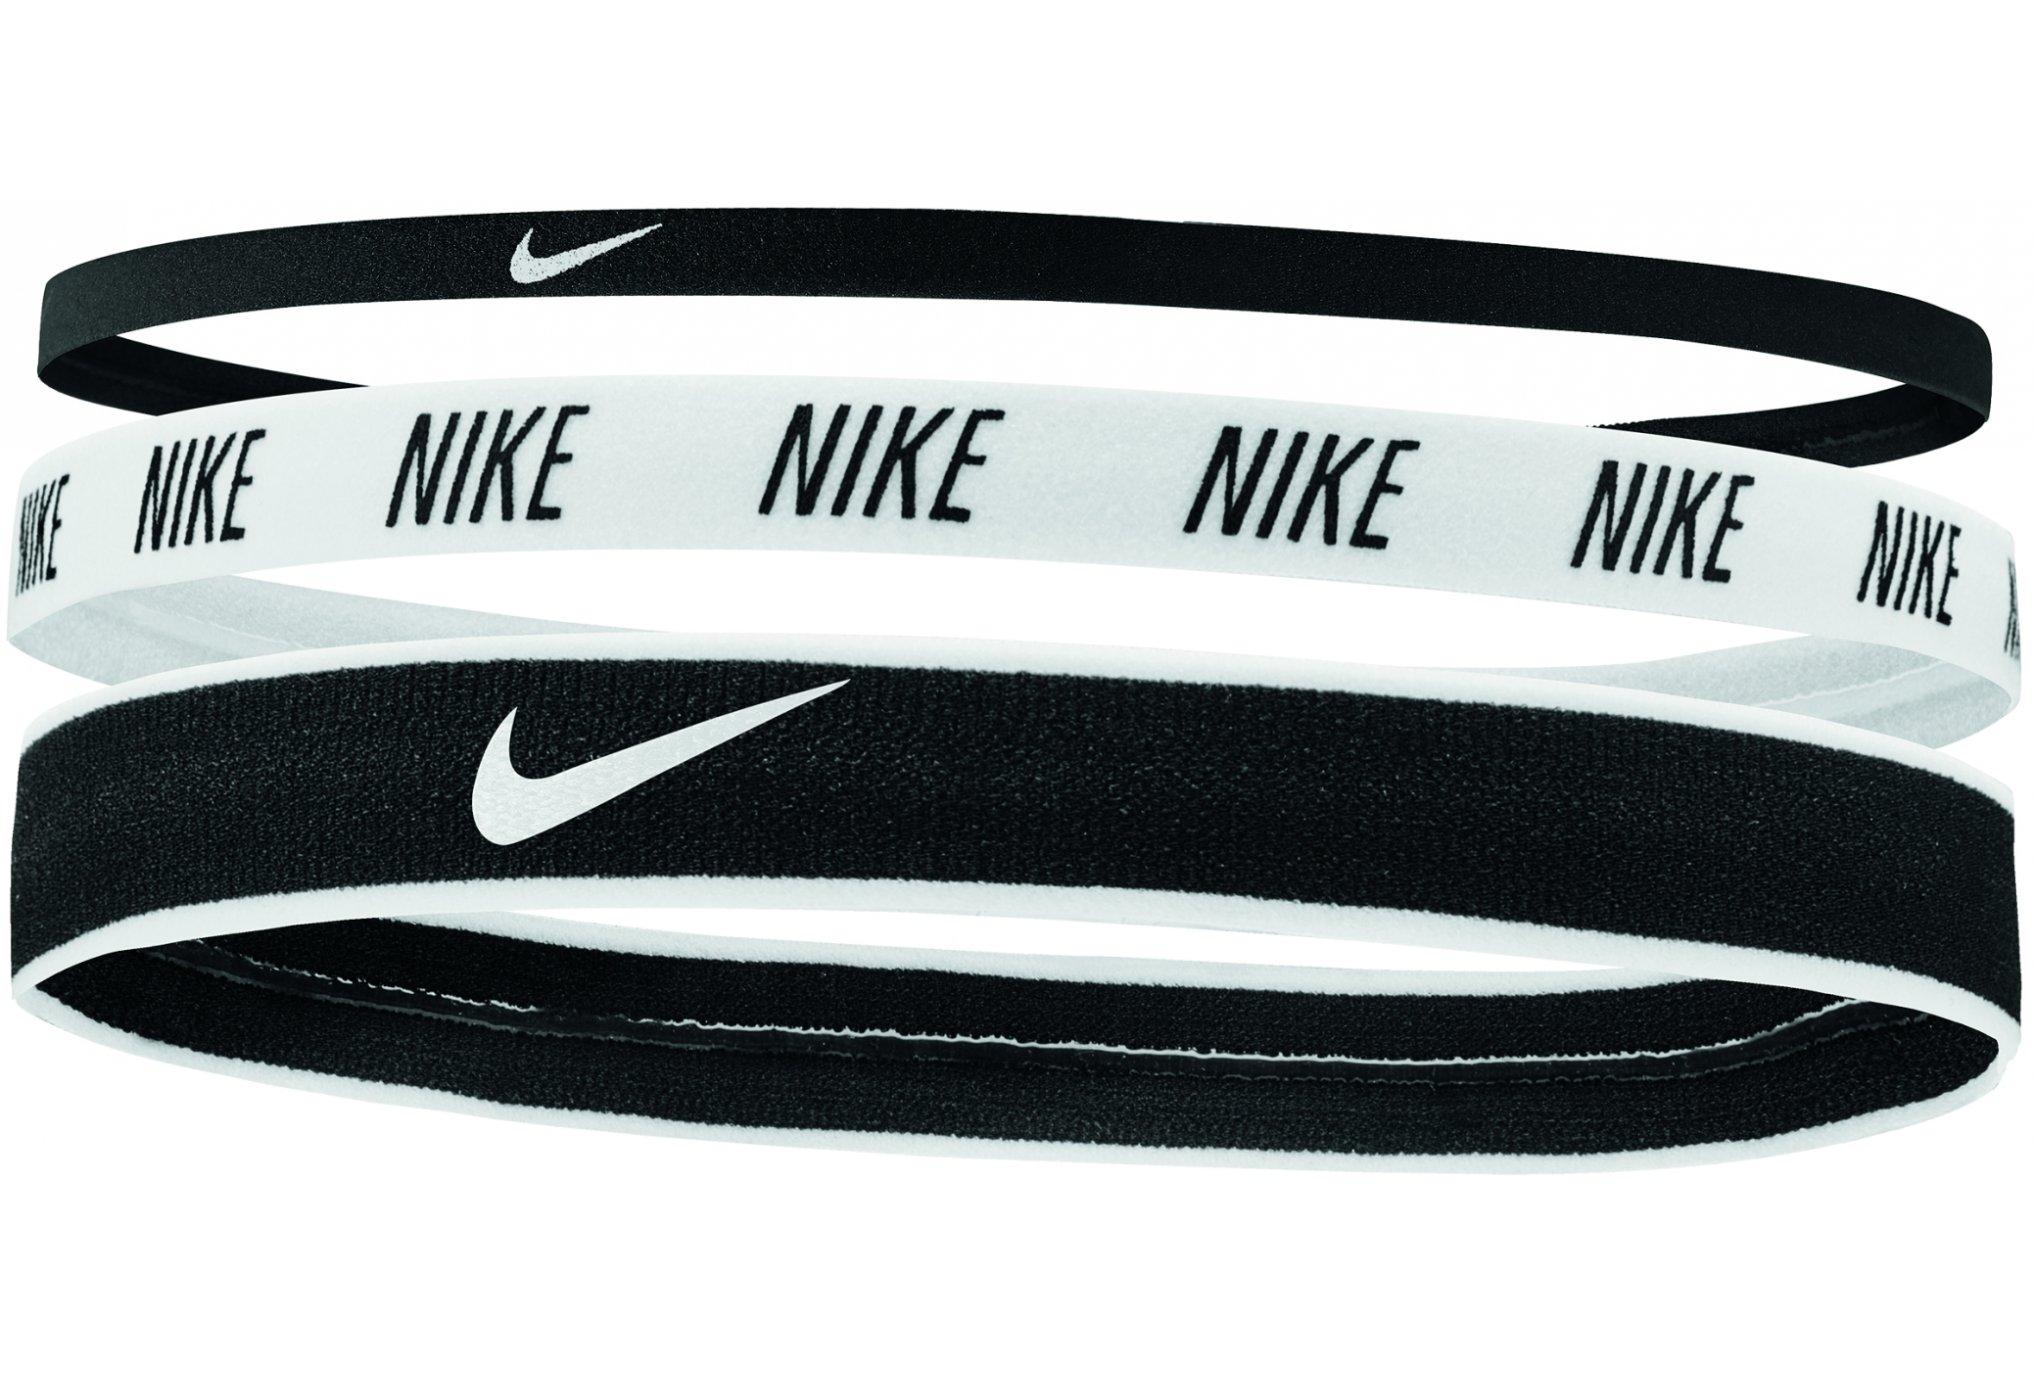 Nike Élastiques Mixed Width X3 Casquettes / bandeaux